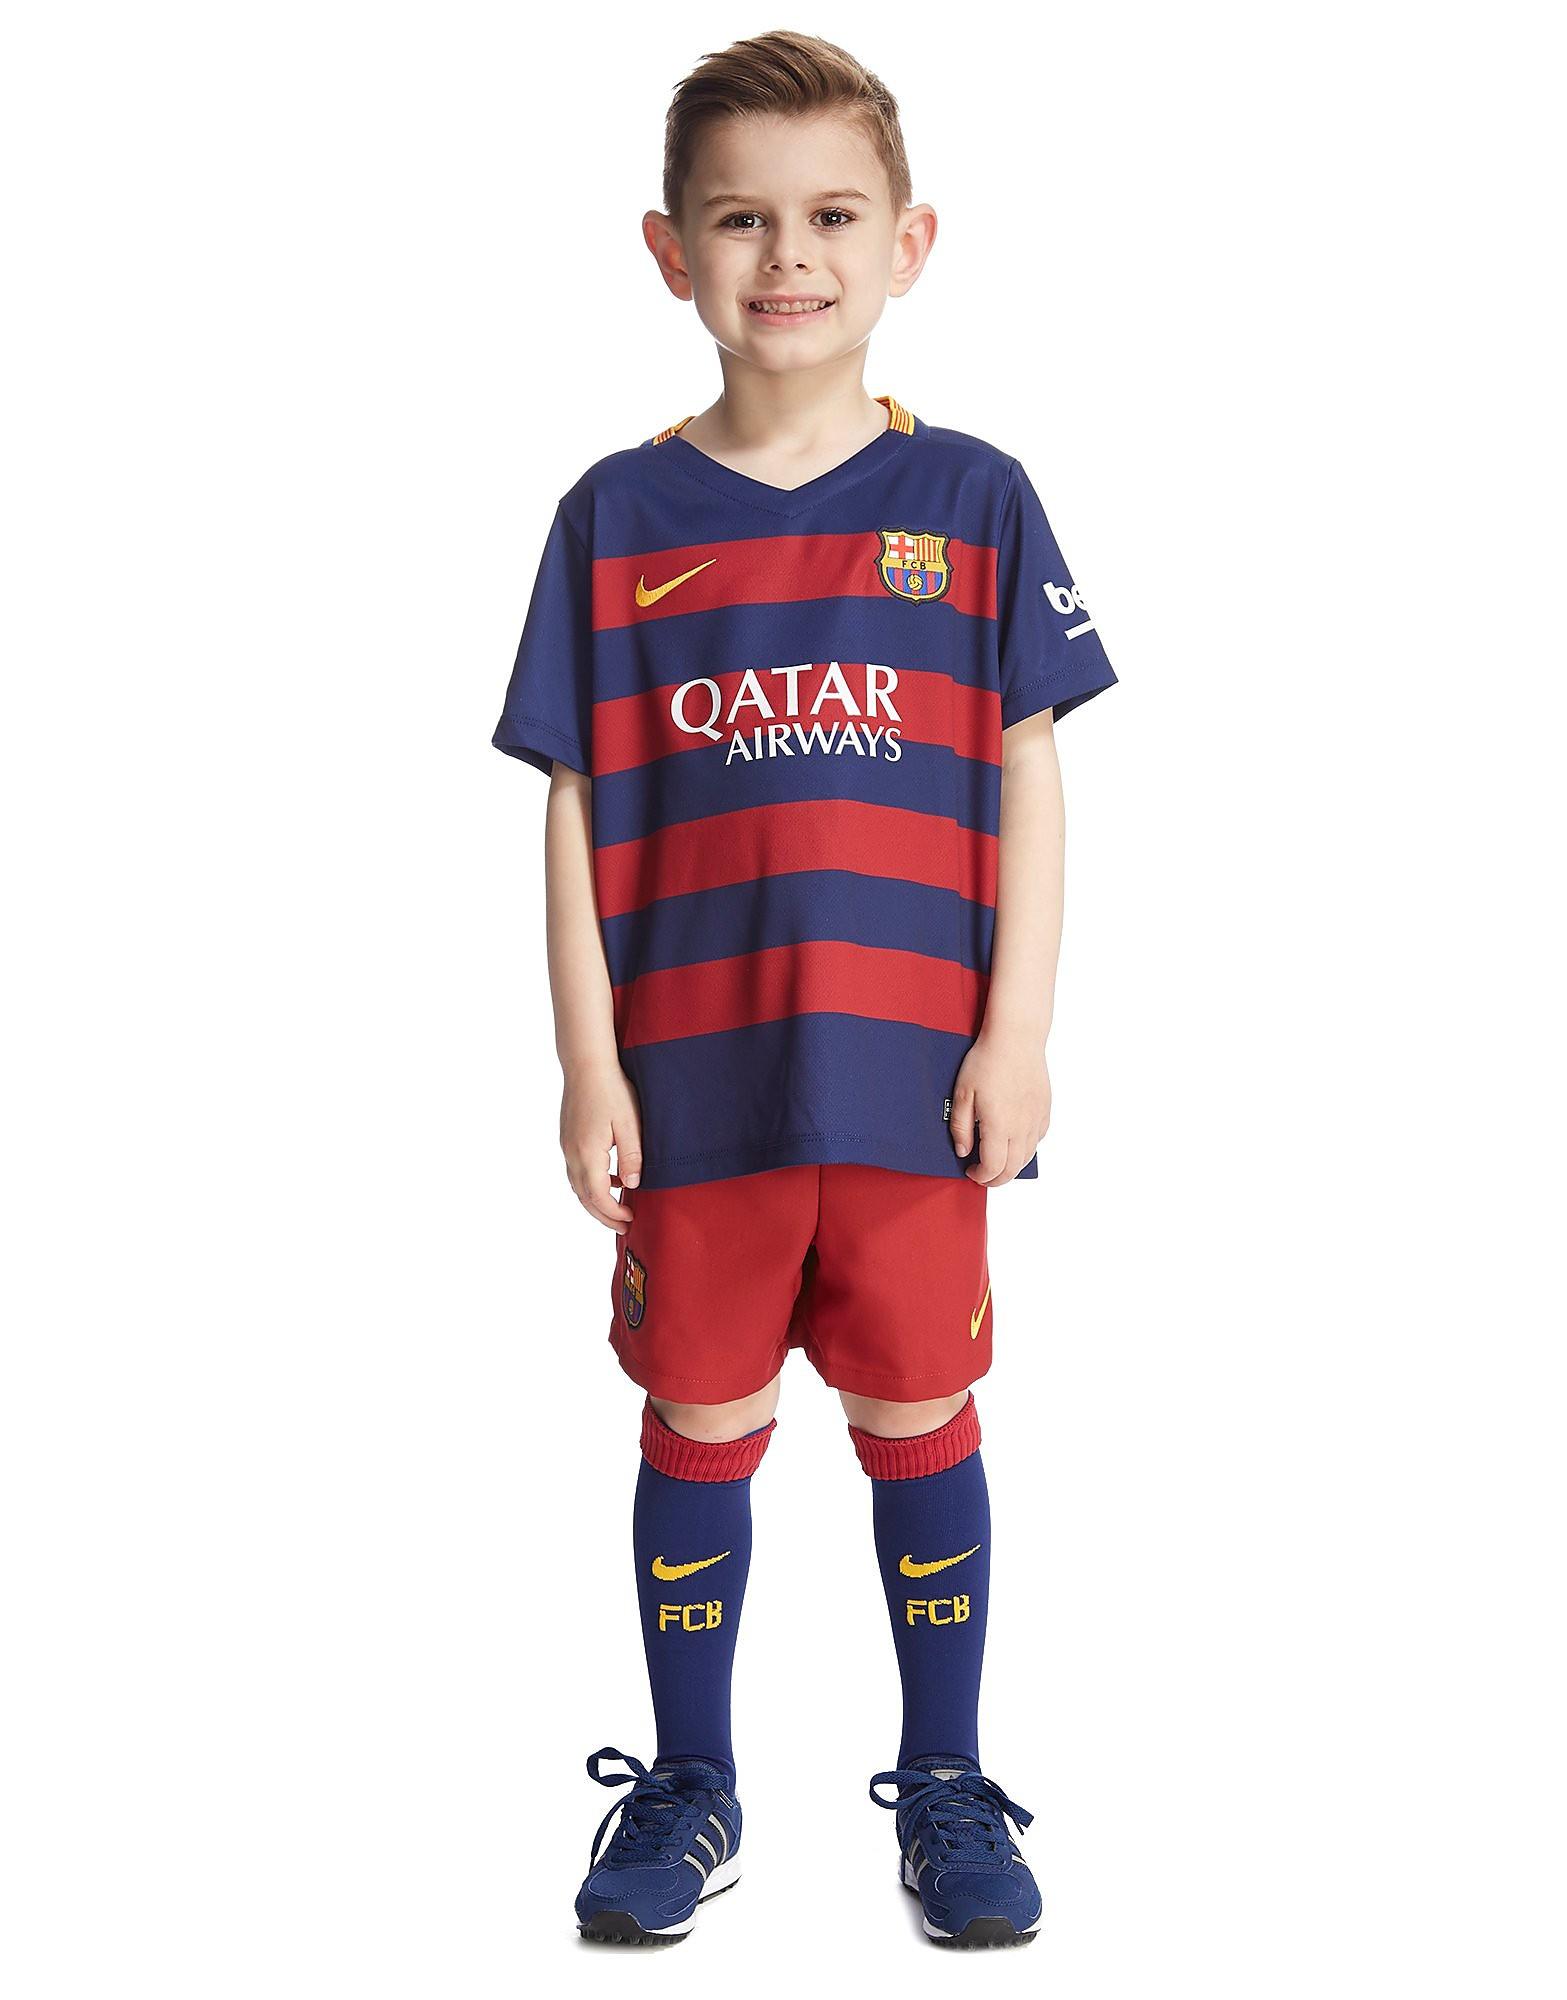 Nike FC Barcelona 2015 Home Kit Children